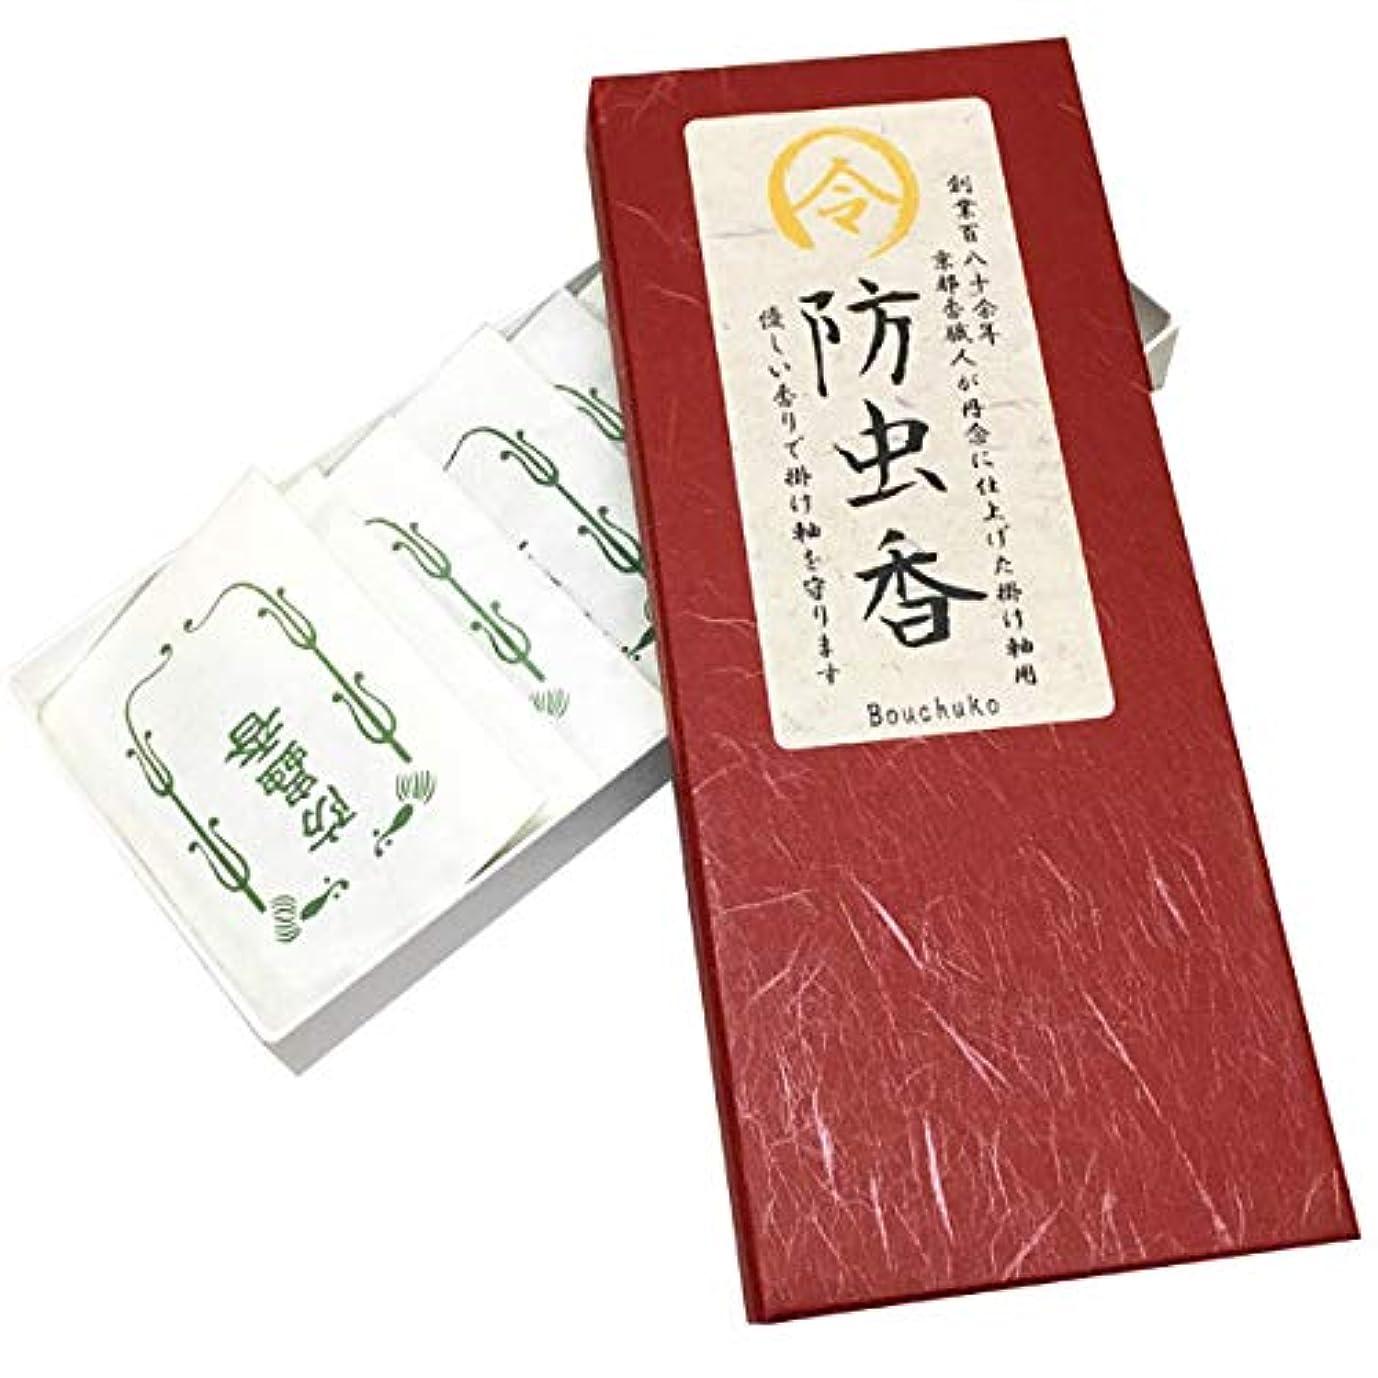 くレビュアーワークショップ掛け軸用 表具用 高級香 令和印の掛軸防虫香 1箱10袋入り